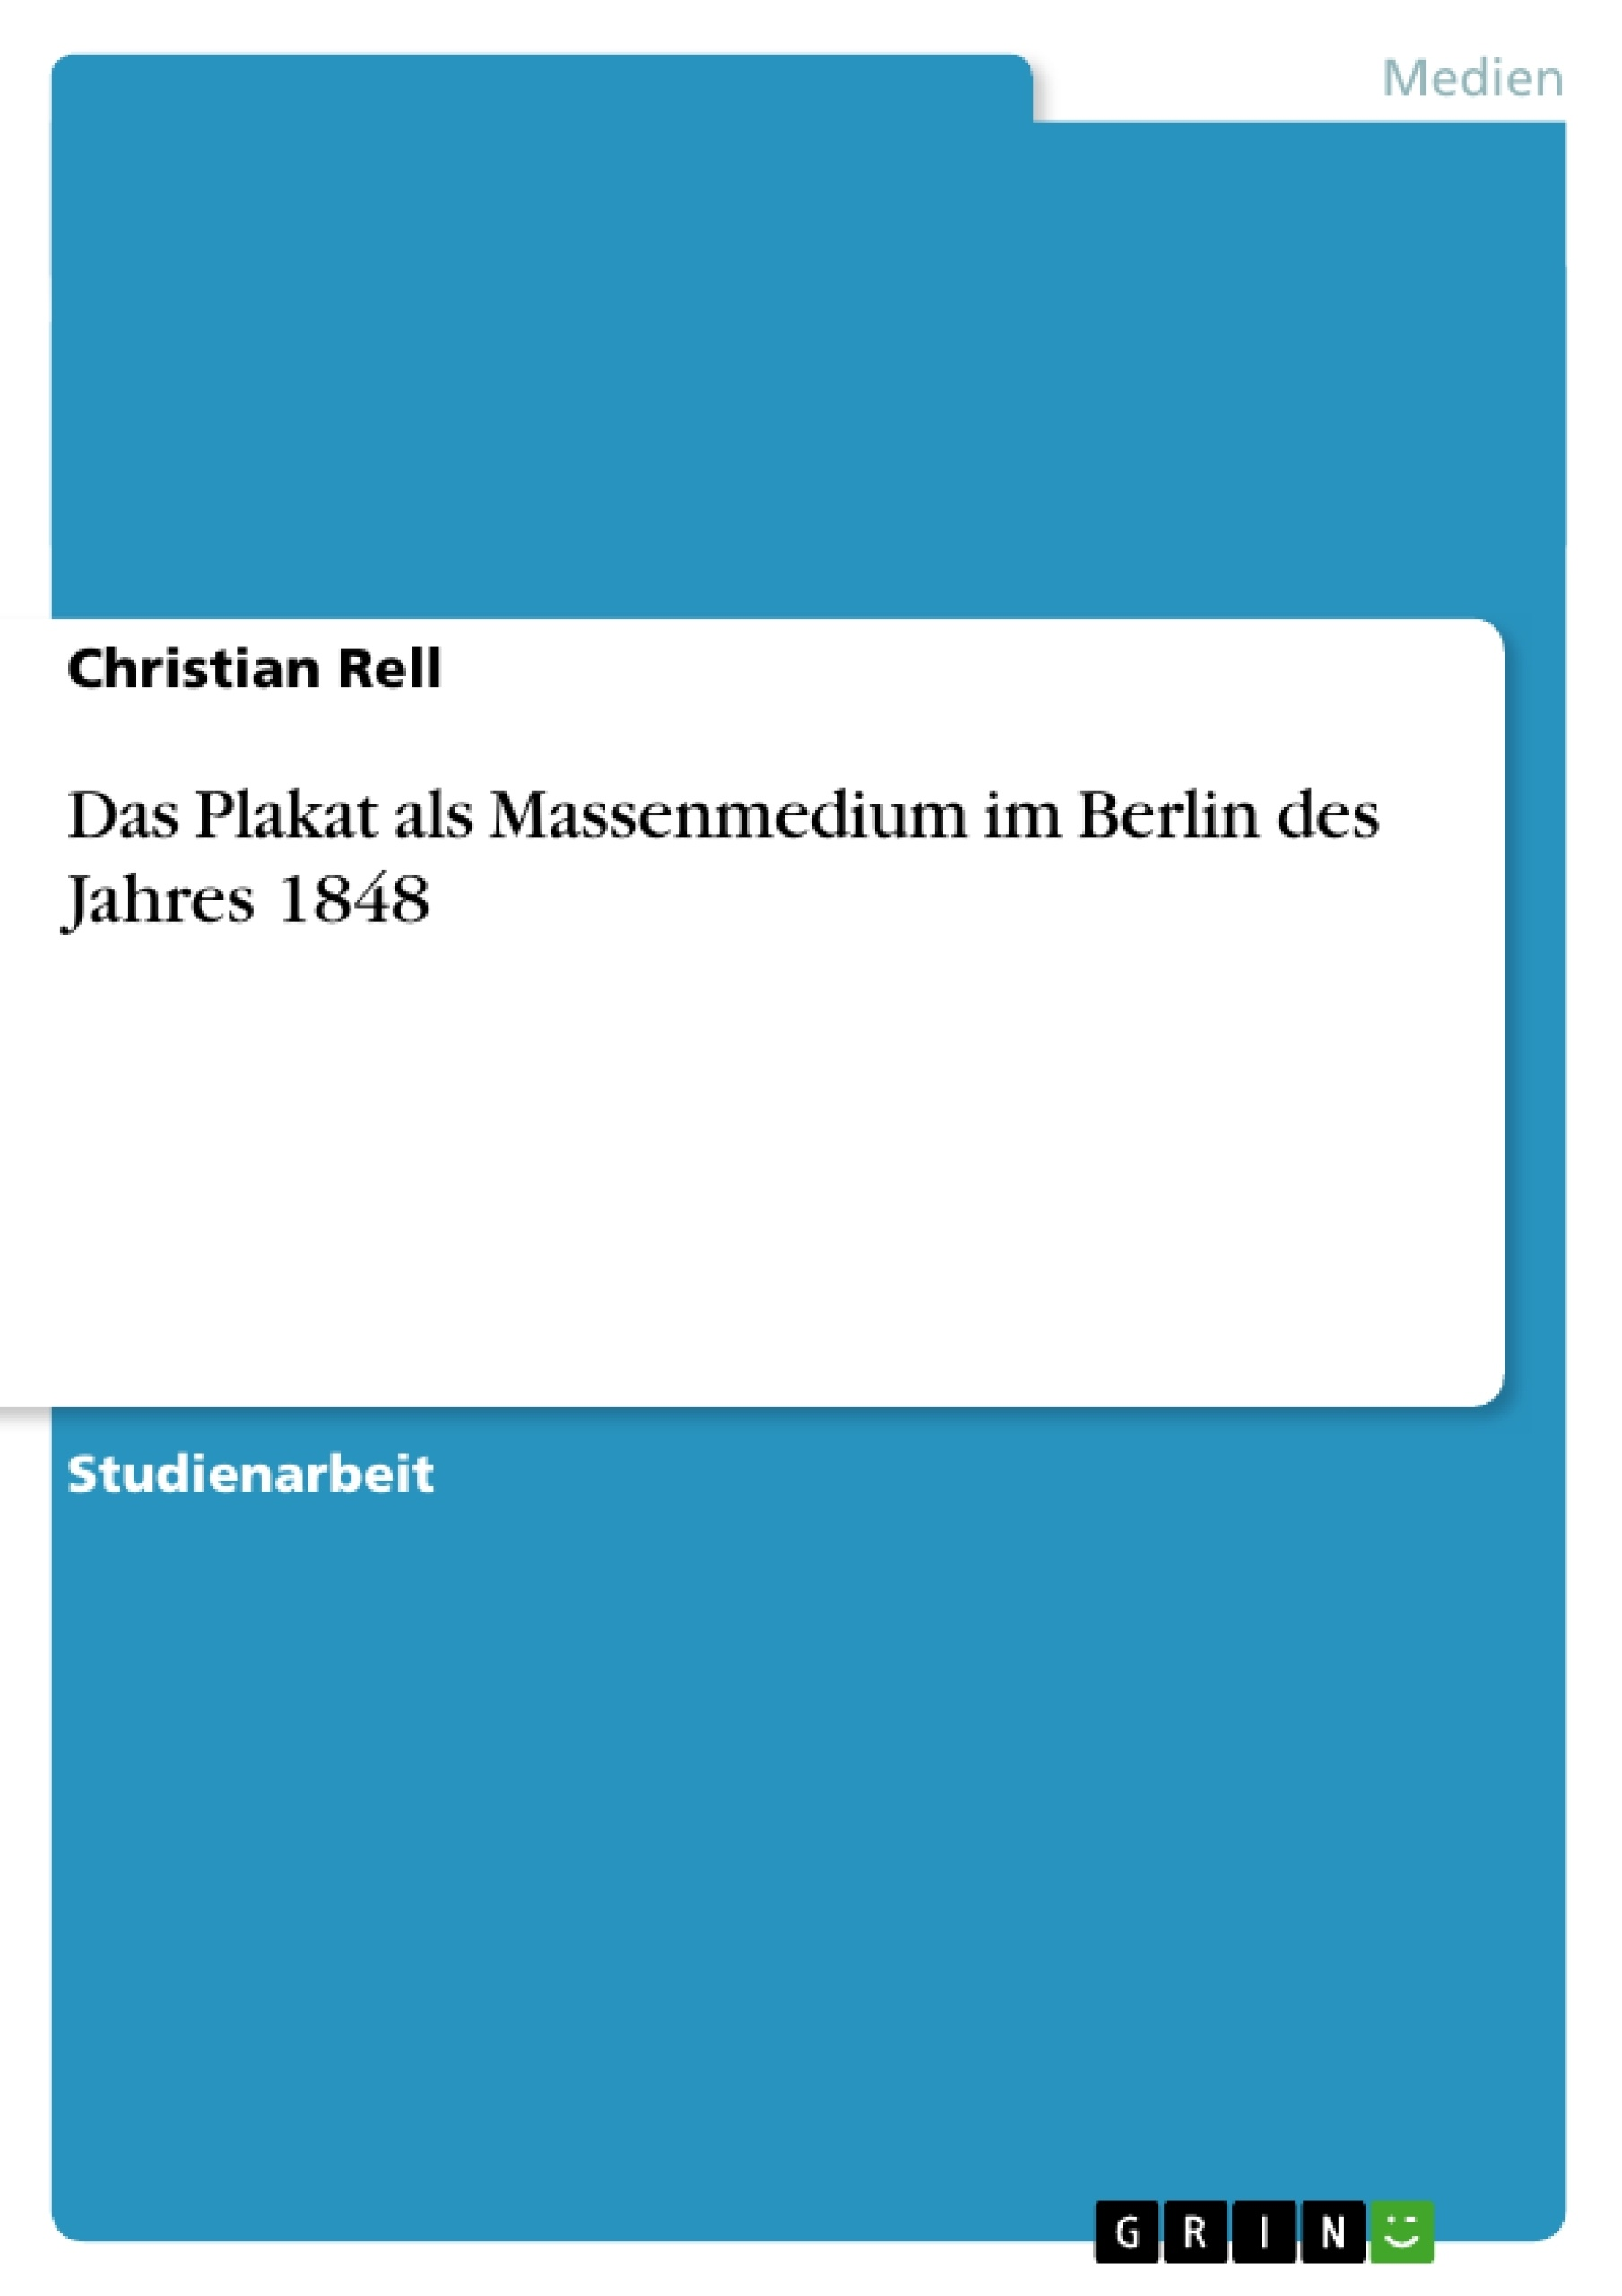 Titel: Das Plakat als Massenmedium  im Berlin des Jahres 1848